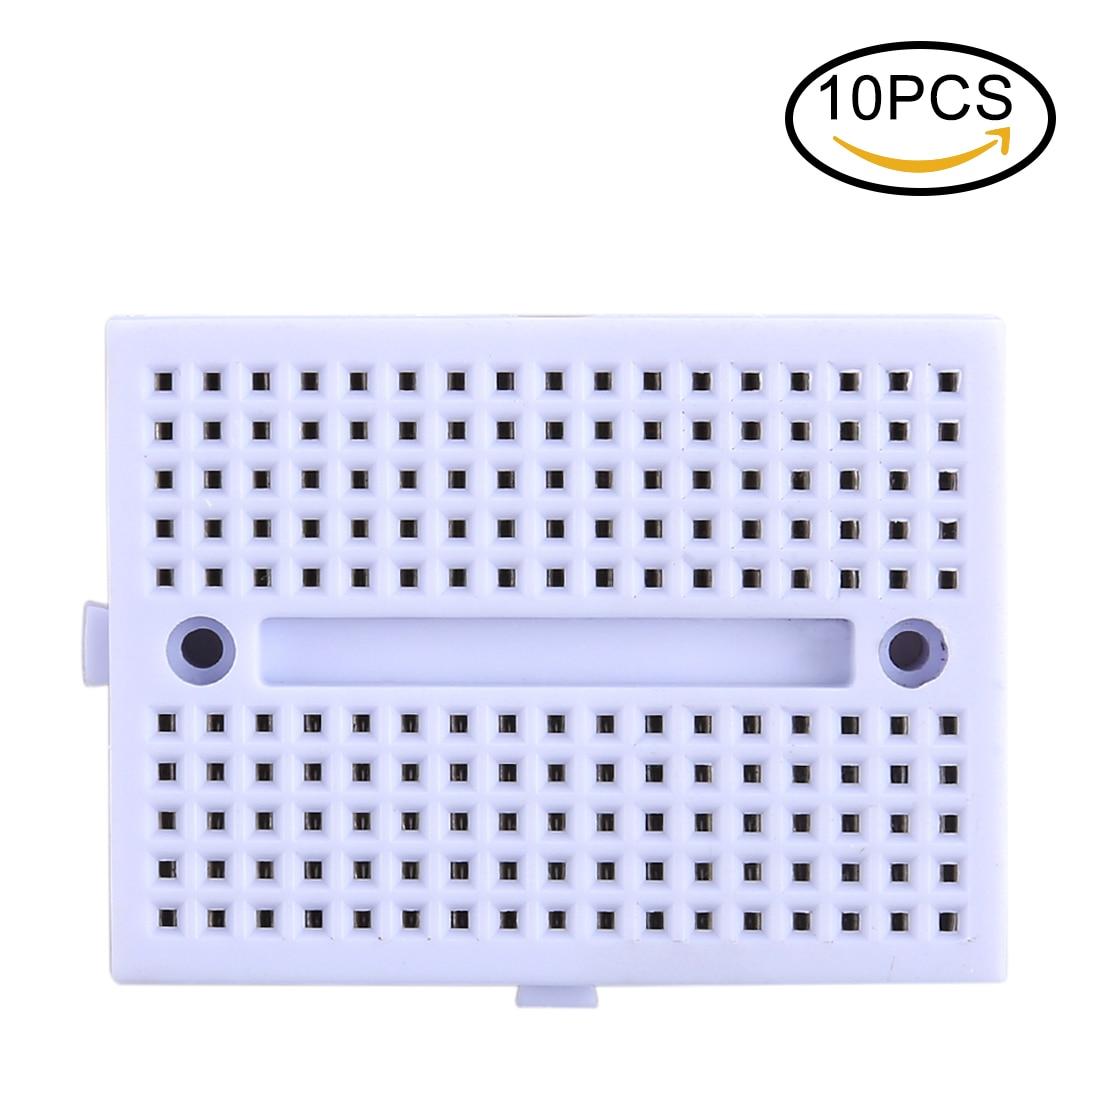 10PCS 170 Points Mini Solderless Breadboard For Arduino - White